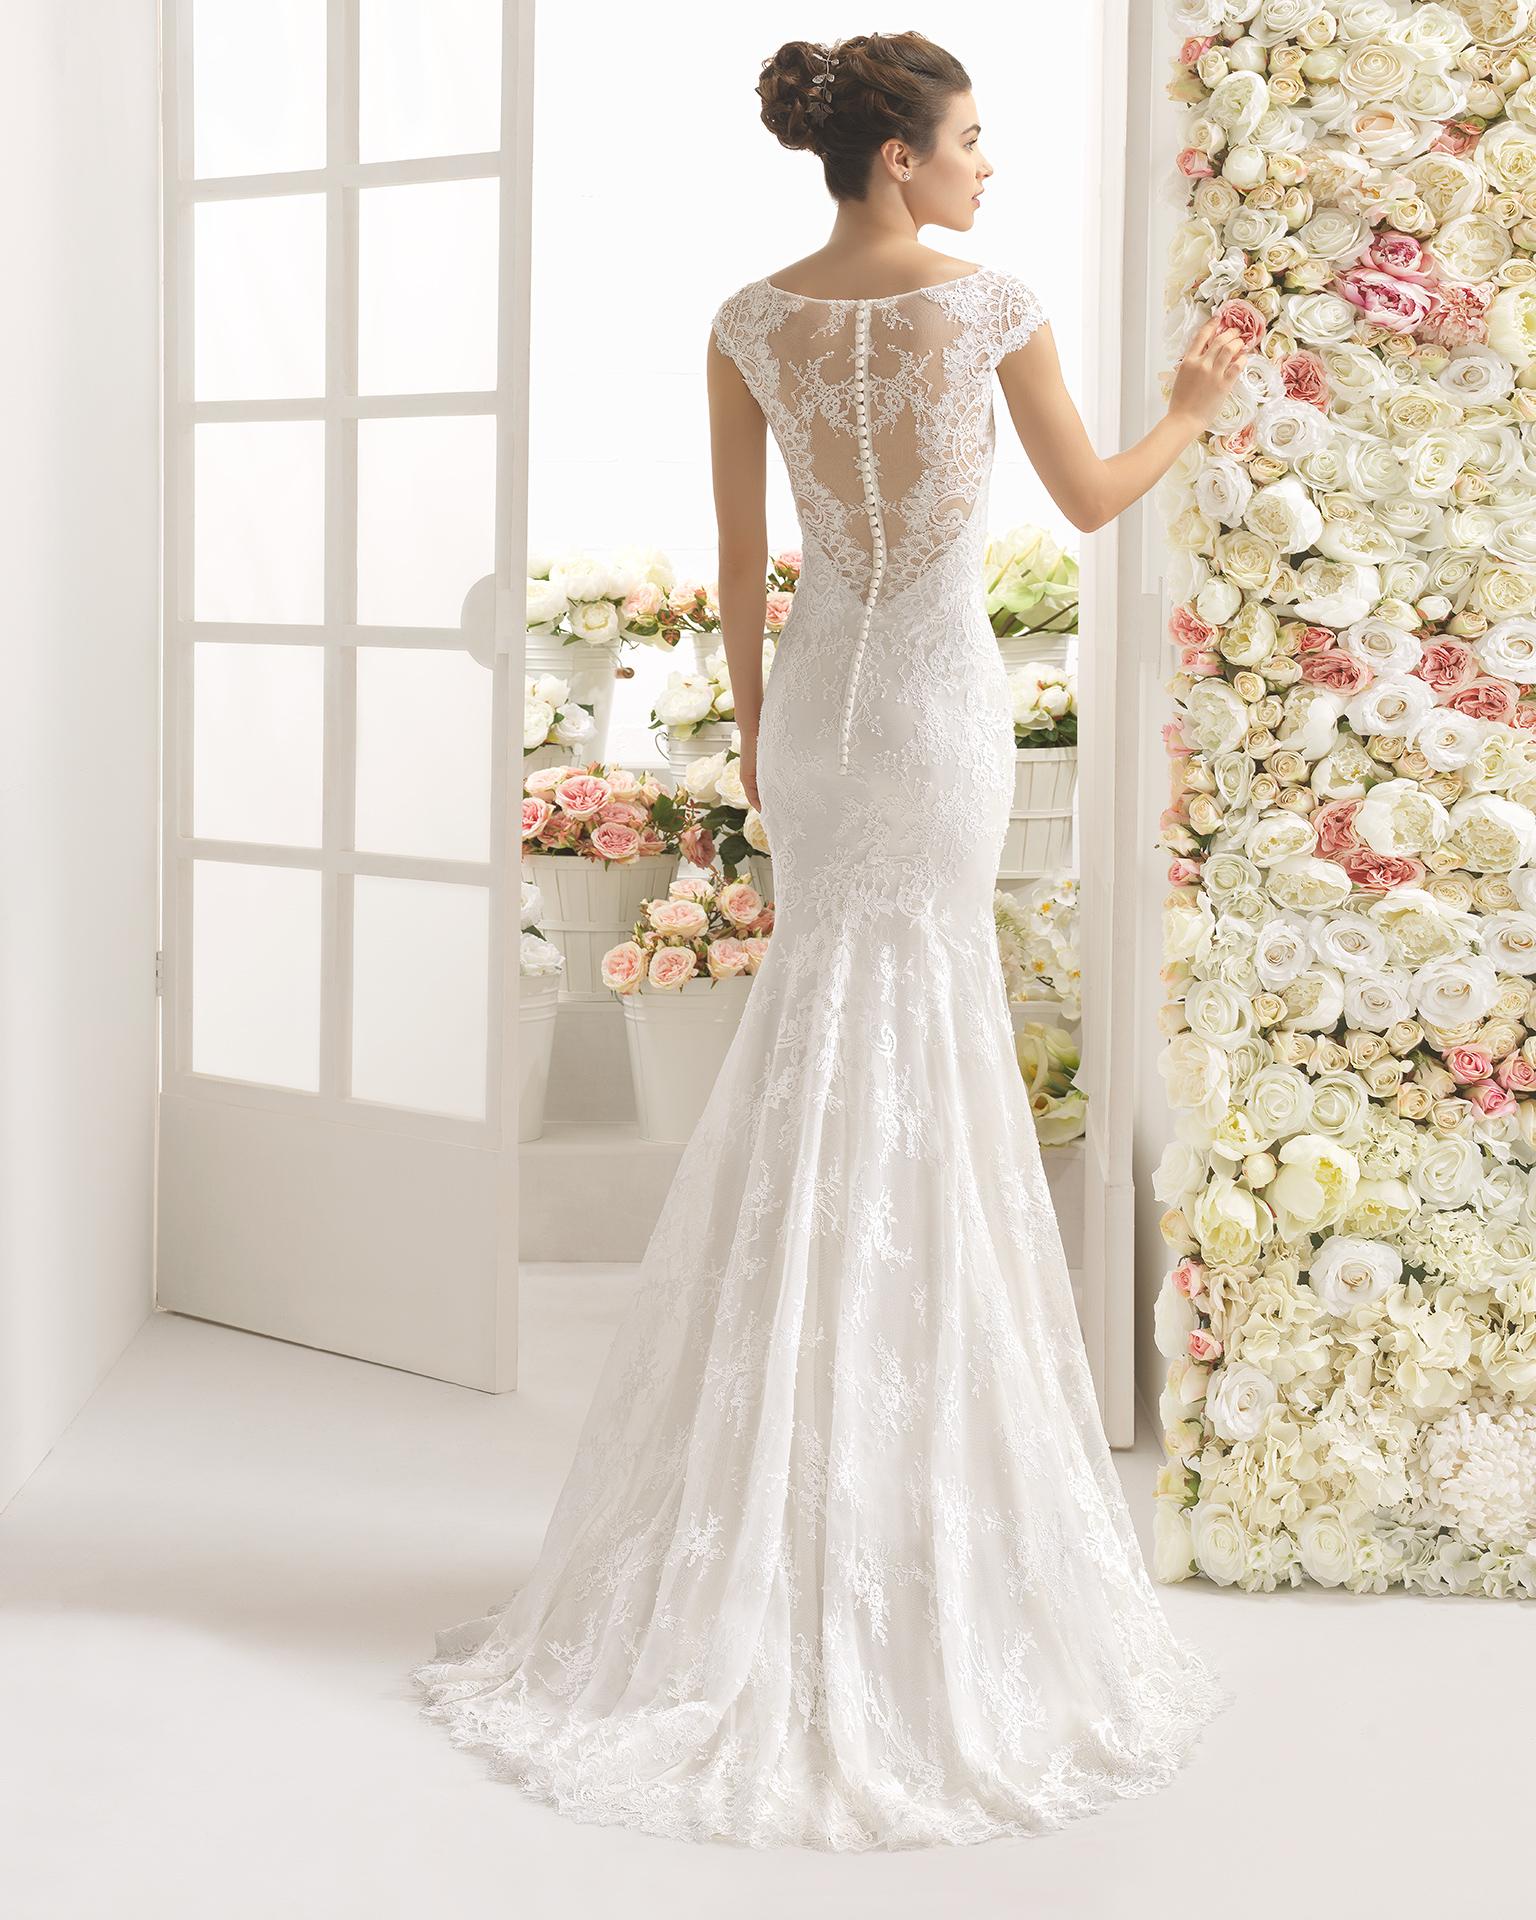 beeca0e7 Brudekjole Cariz har den smukkeste blonde ryg med stofknapper og slæb.